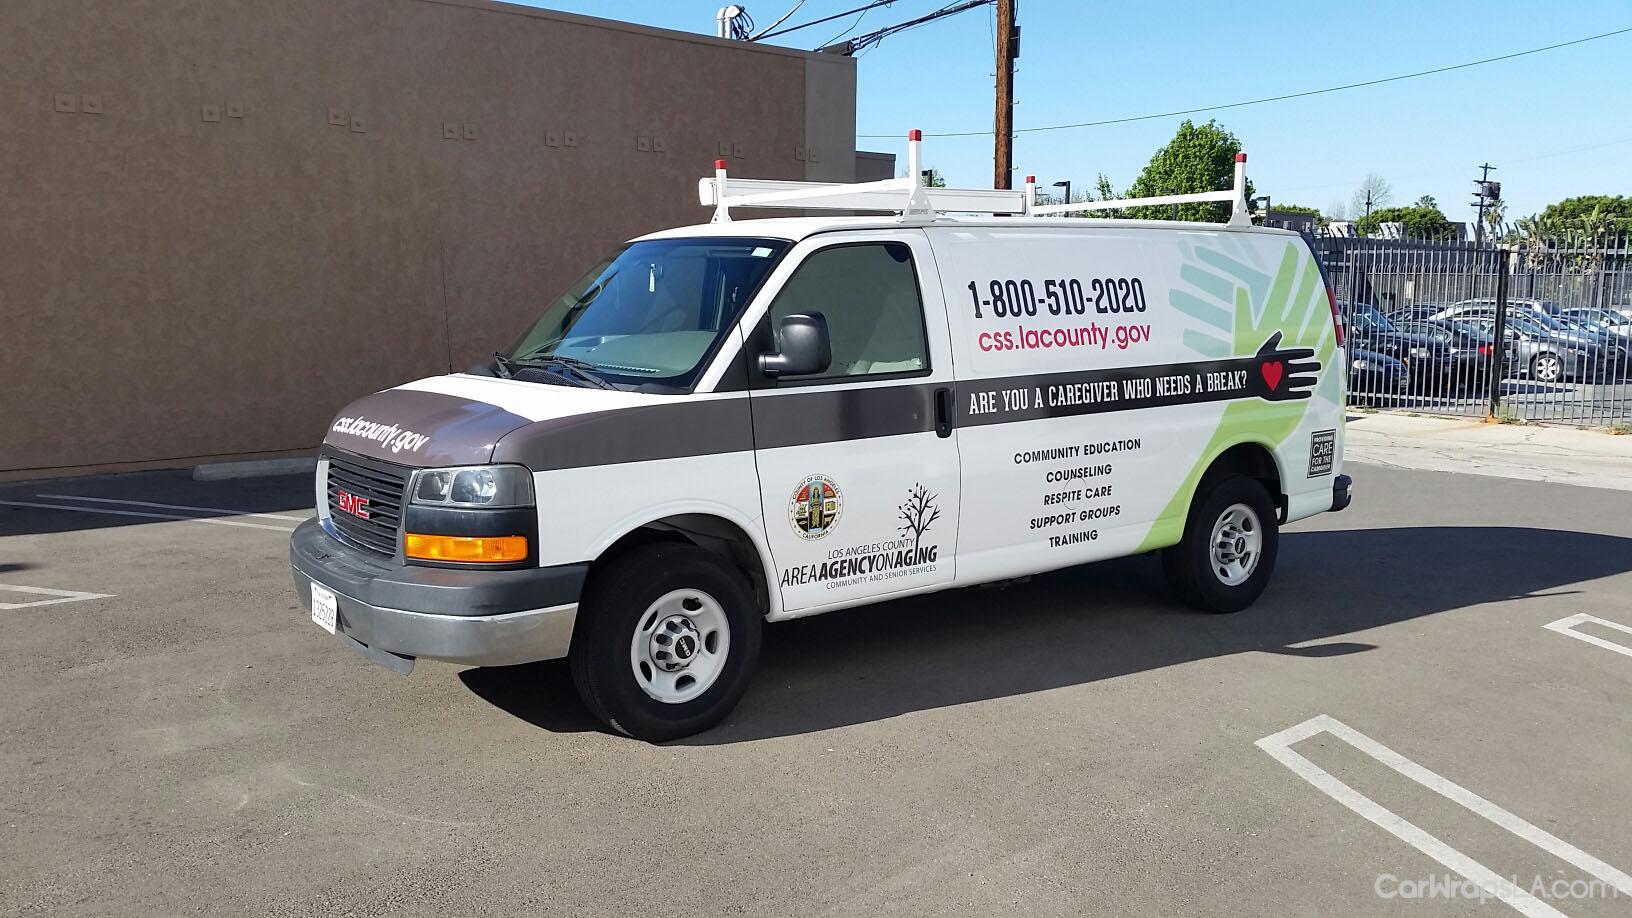 Giving Break For Caregivers Van Wraps